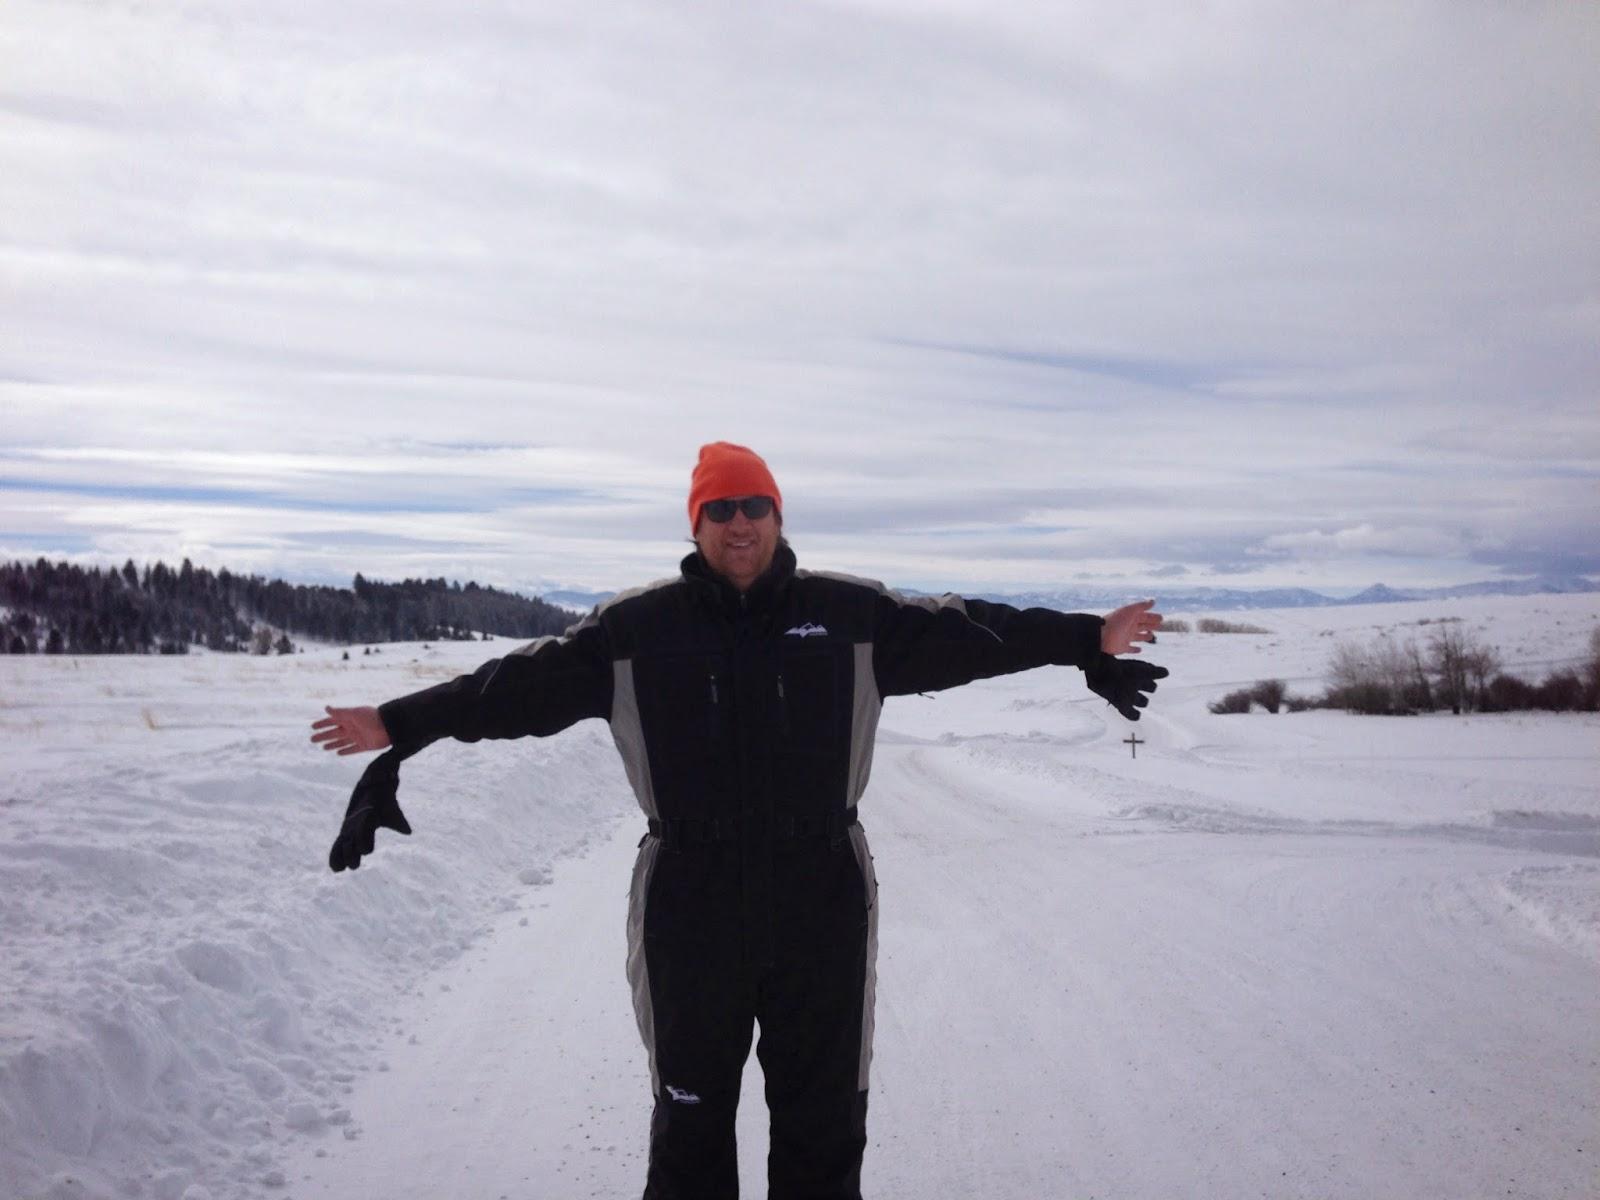 me in my Marlboro onesie - Crazy Mountain Ranch- MT